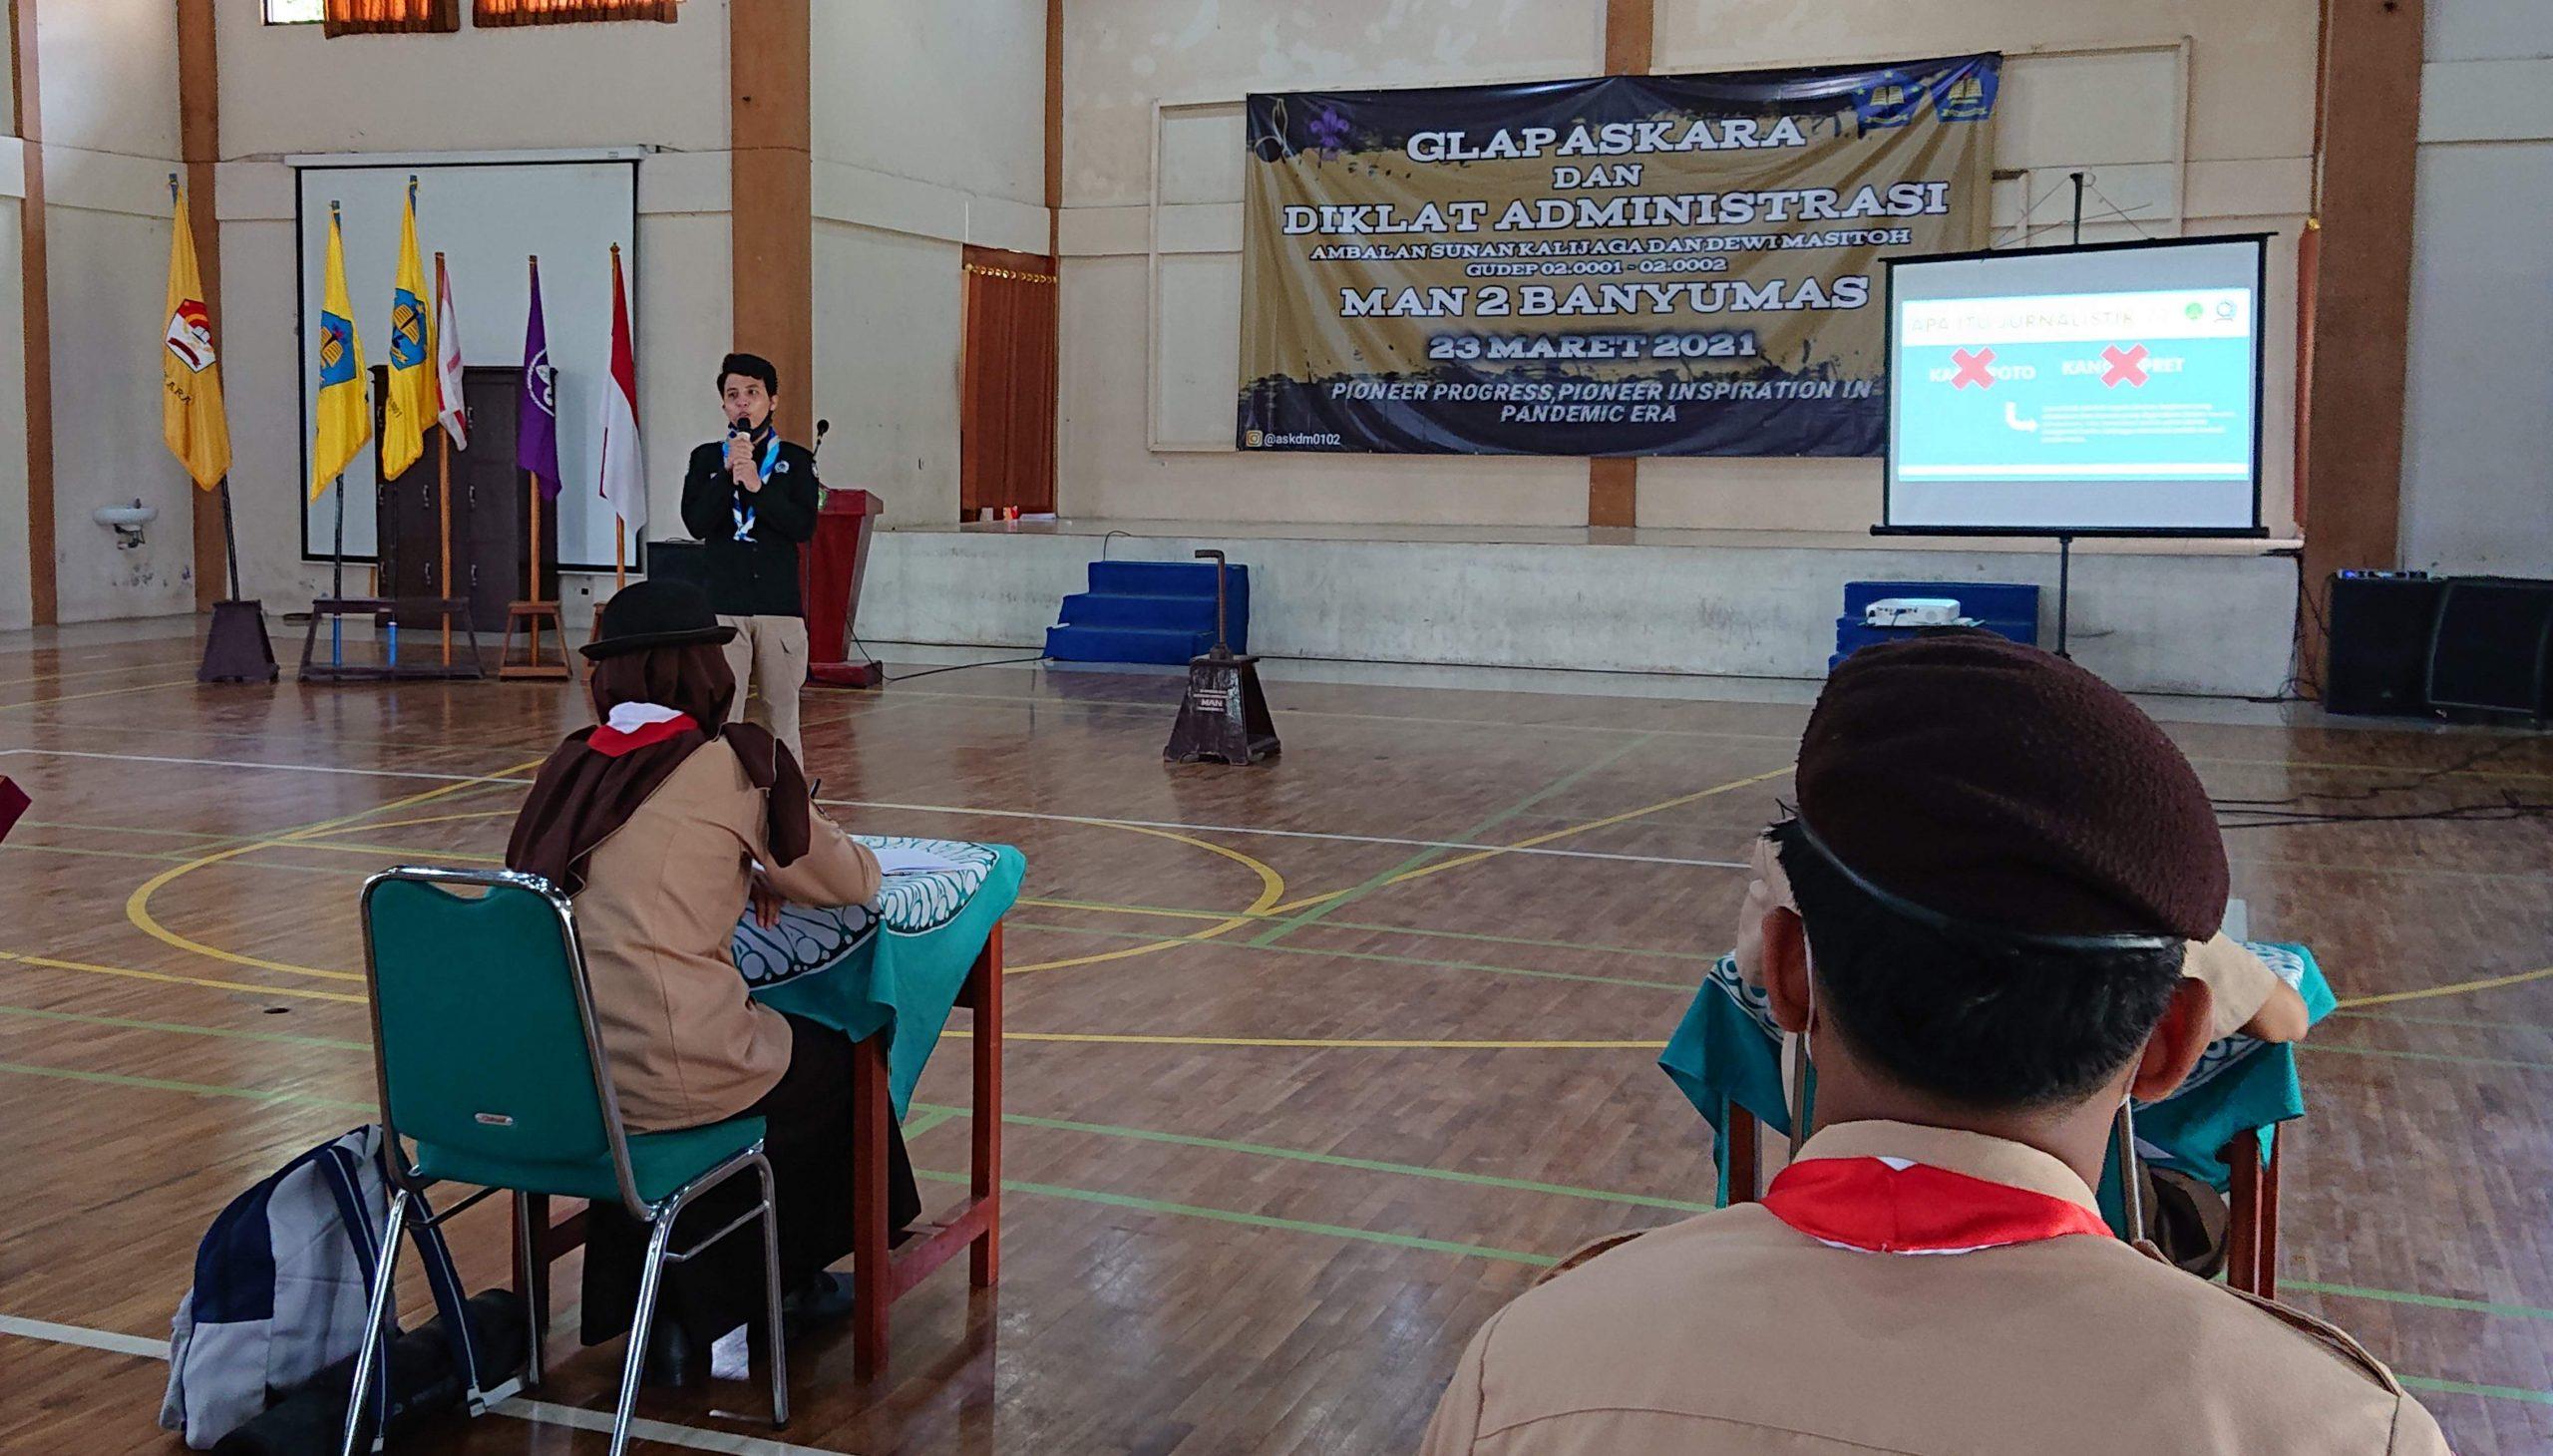 Kegiatan Glapaskara dan Kegiatan Diklat Administrasi Ambalan Sunan Kalijaga dan Dewi Masitoh Tahun 2021 dilaksanakan Pada Saat Bersamaan